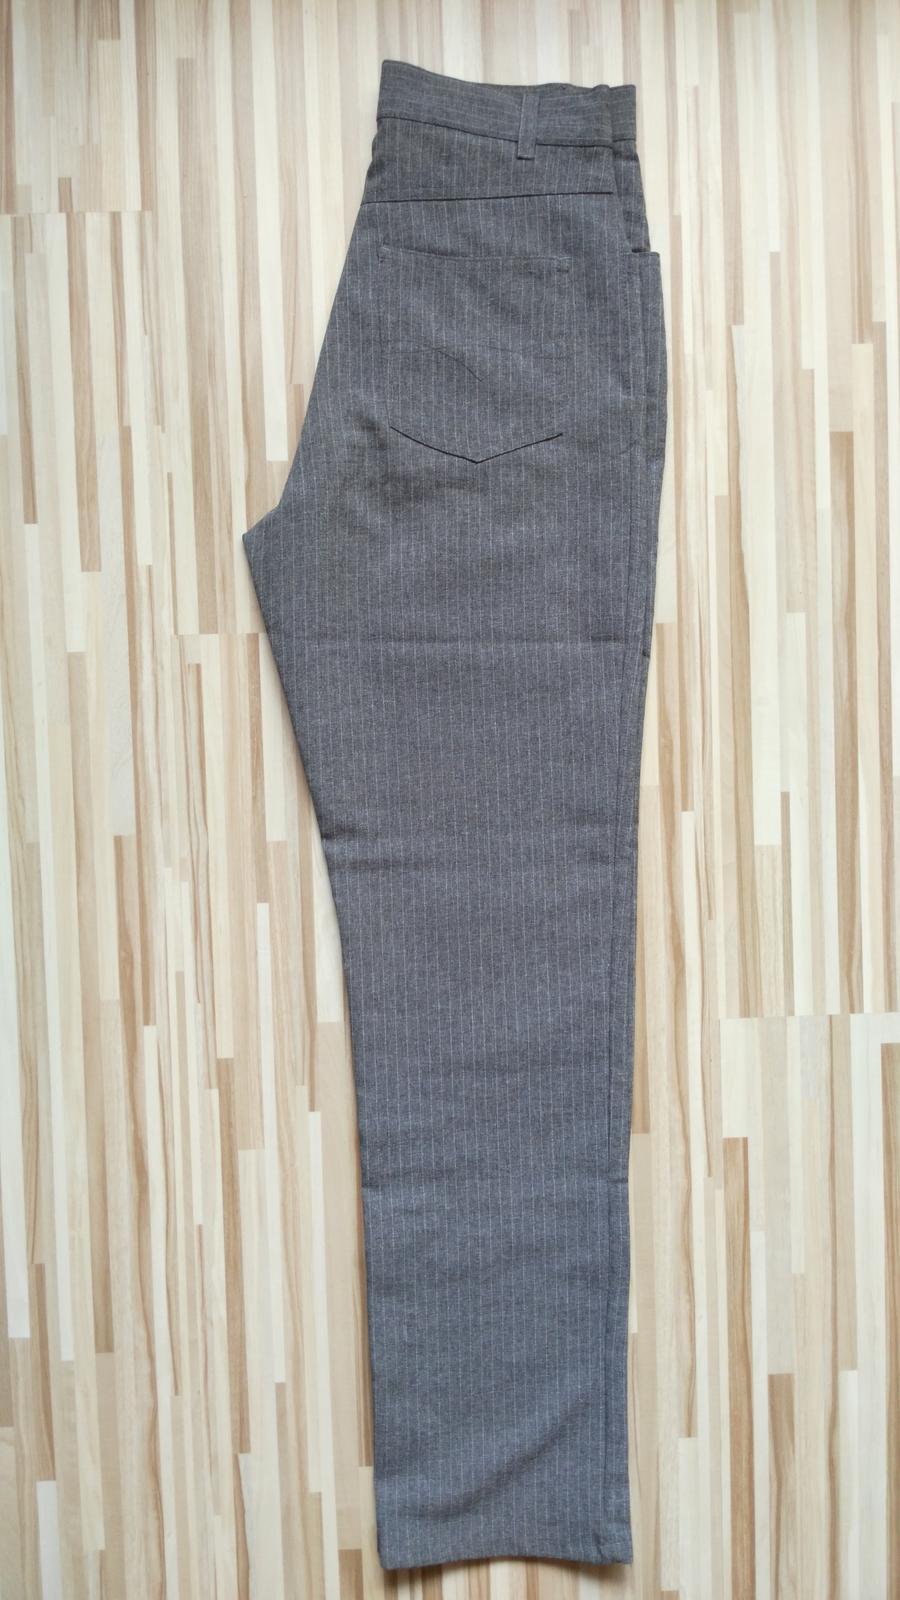 Šedé elegantné nohavice s pásikmi 36/S - Obrázok č. 3